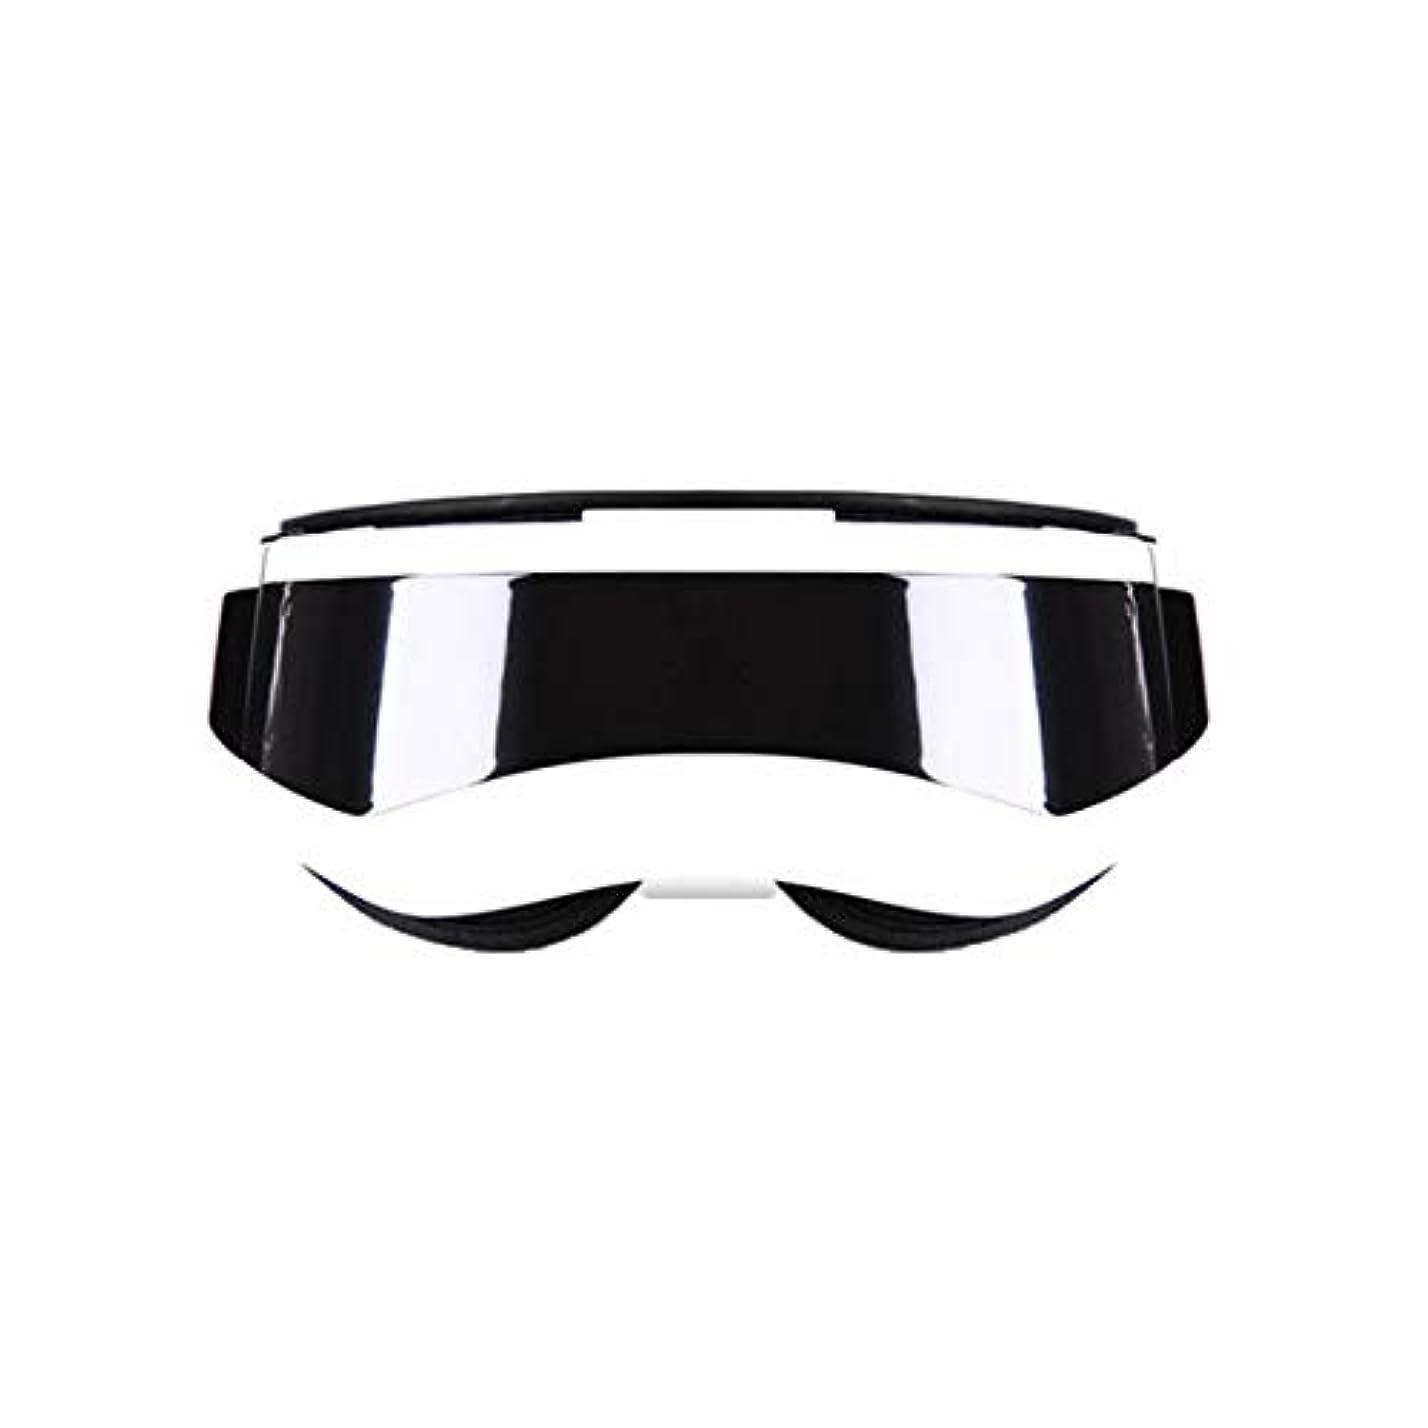 気配りのある品ラベマッサージ - マッサージホット - コンプレッション疲労ダークサークルアイマスクビジョン (Color : Pearl White)